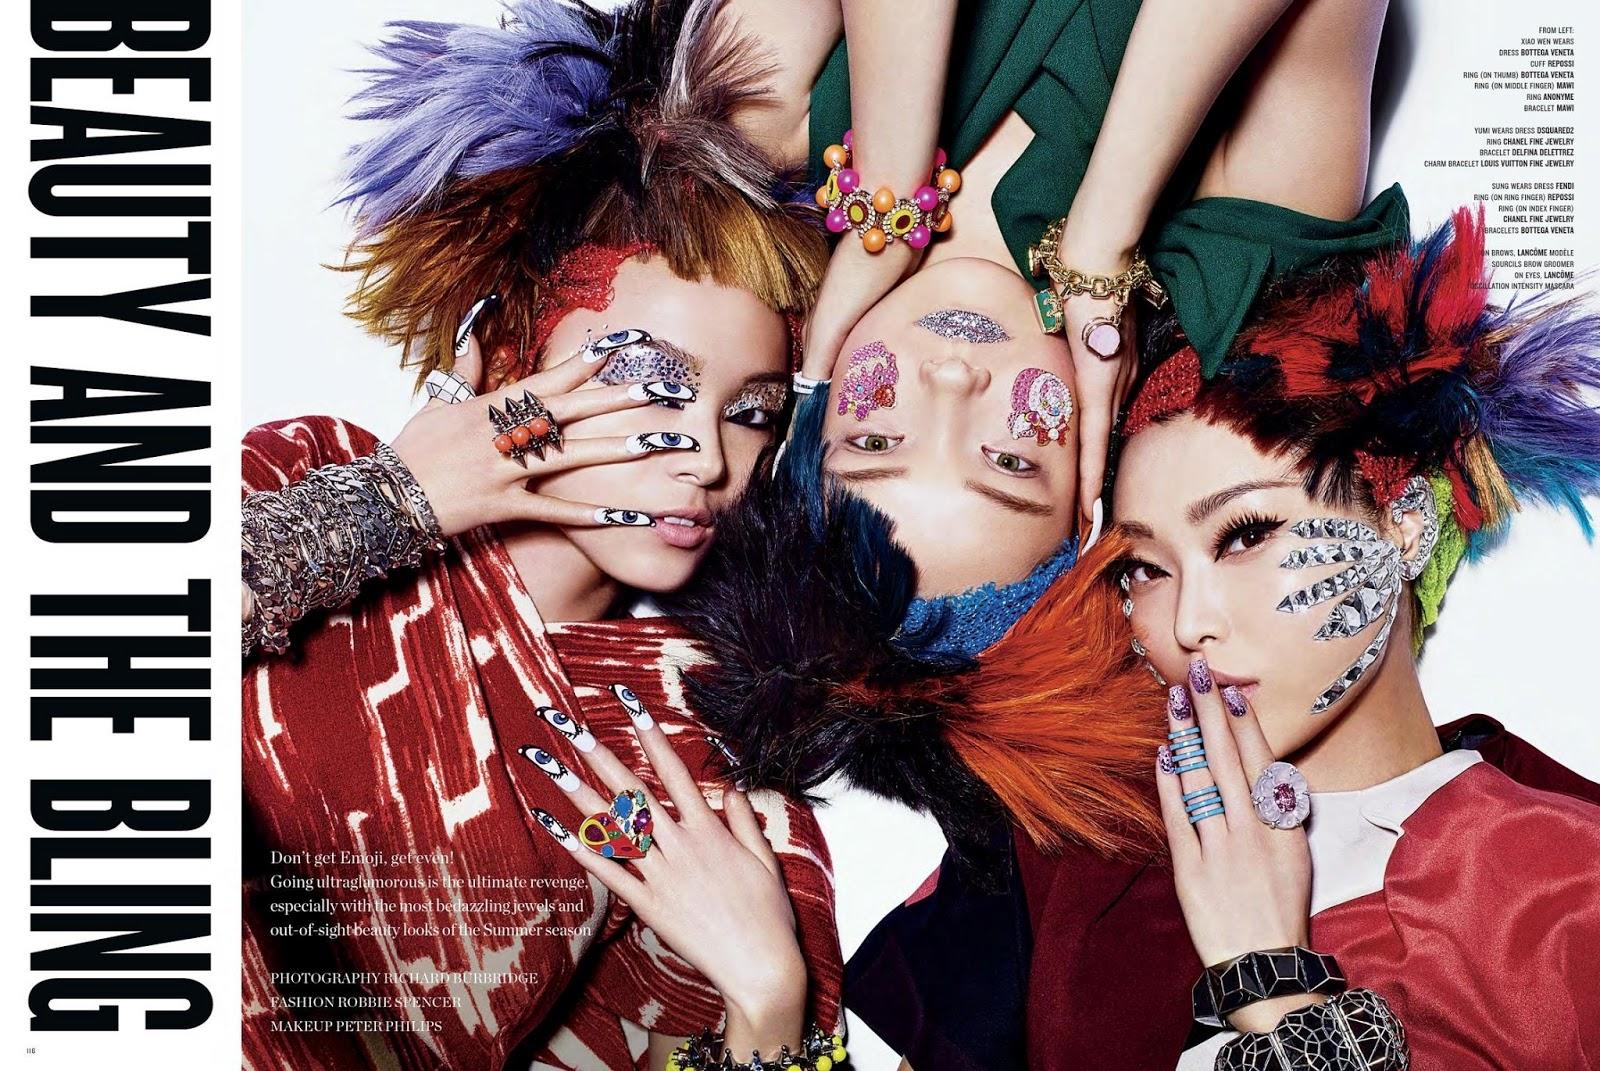 Yumi Lambert, Xiao Wen & Sung Hee Kim by Richard Burbridge - Beauty And The Bling 1